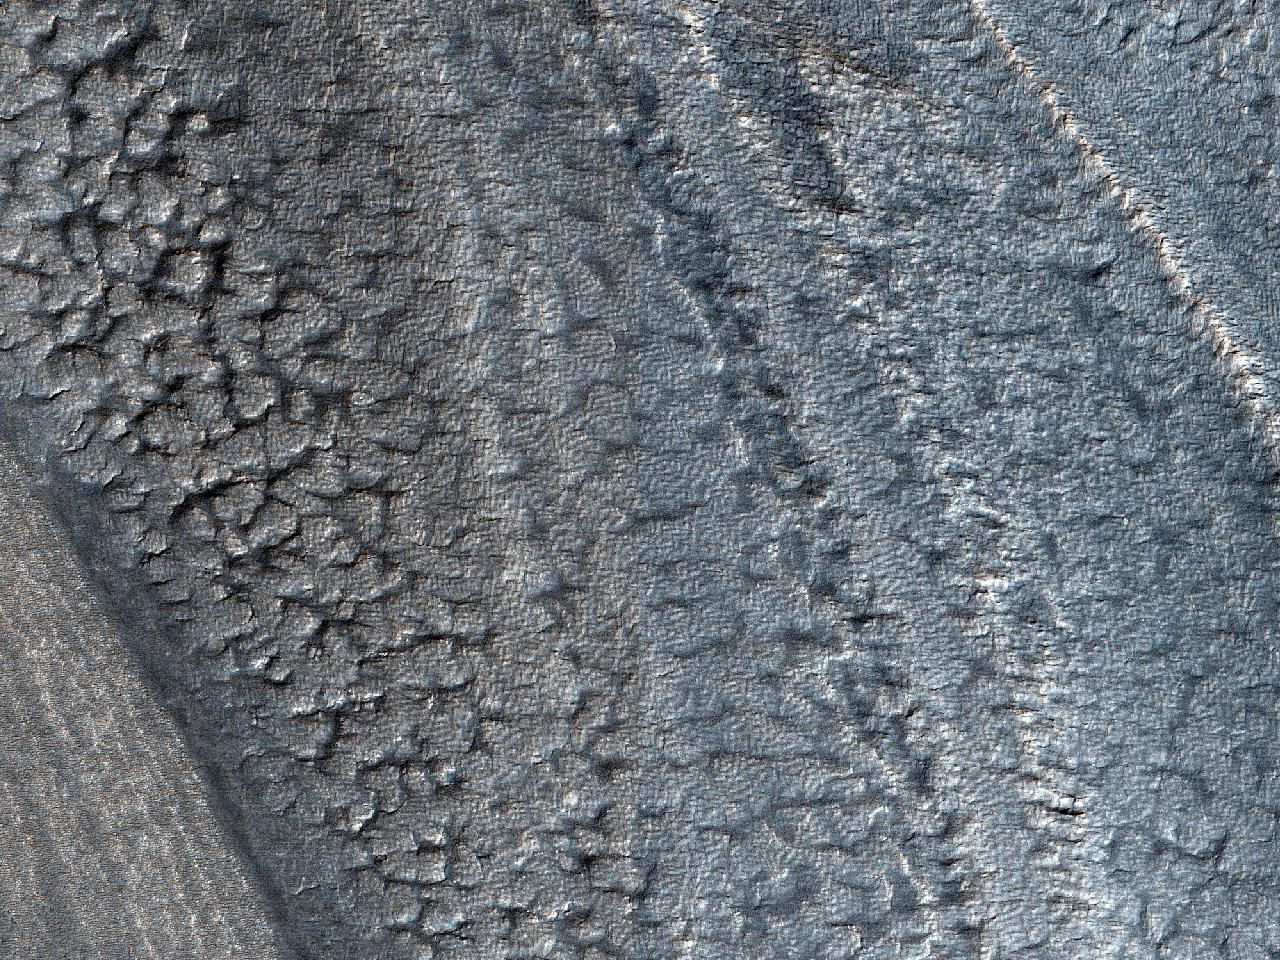 Stratura quae stratis deposita erant ad axem australem in Cratere Burroughs